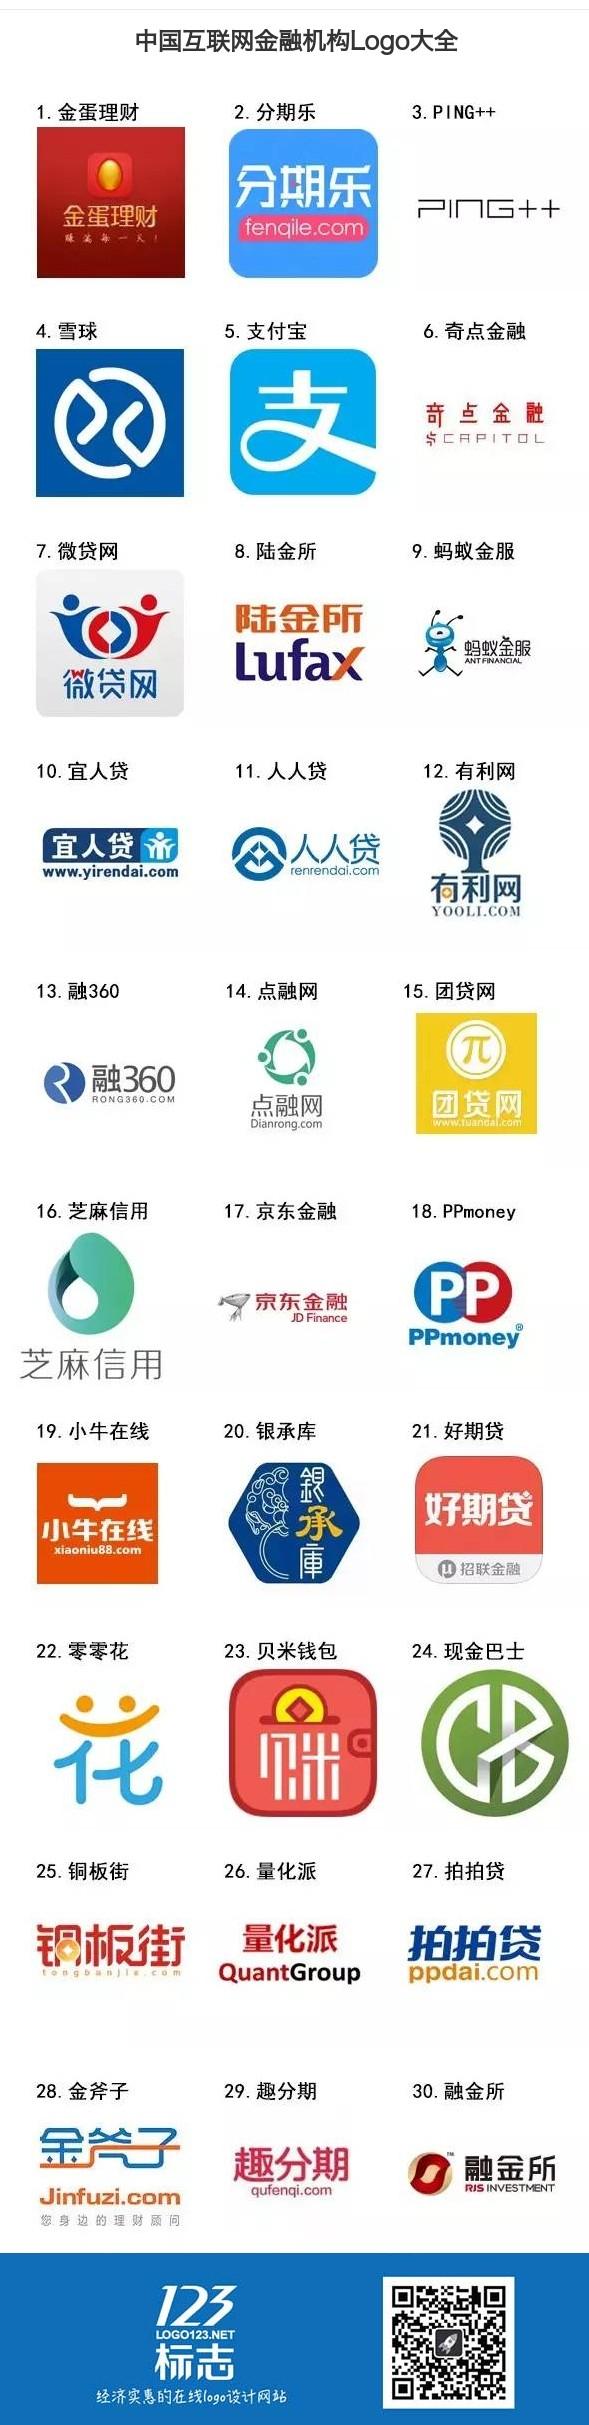 中国互联网金融机构Logo大全